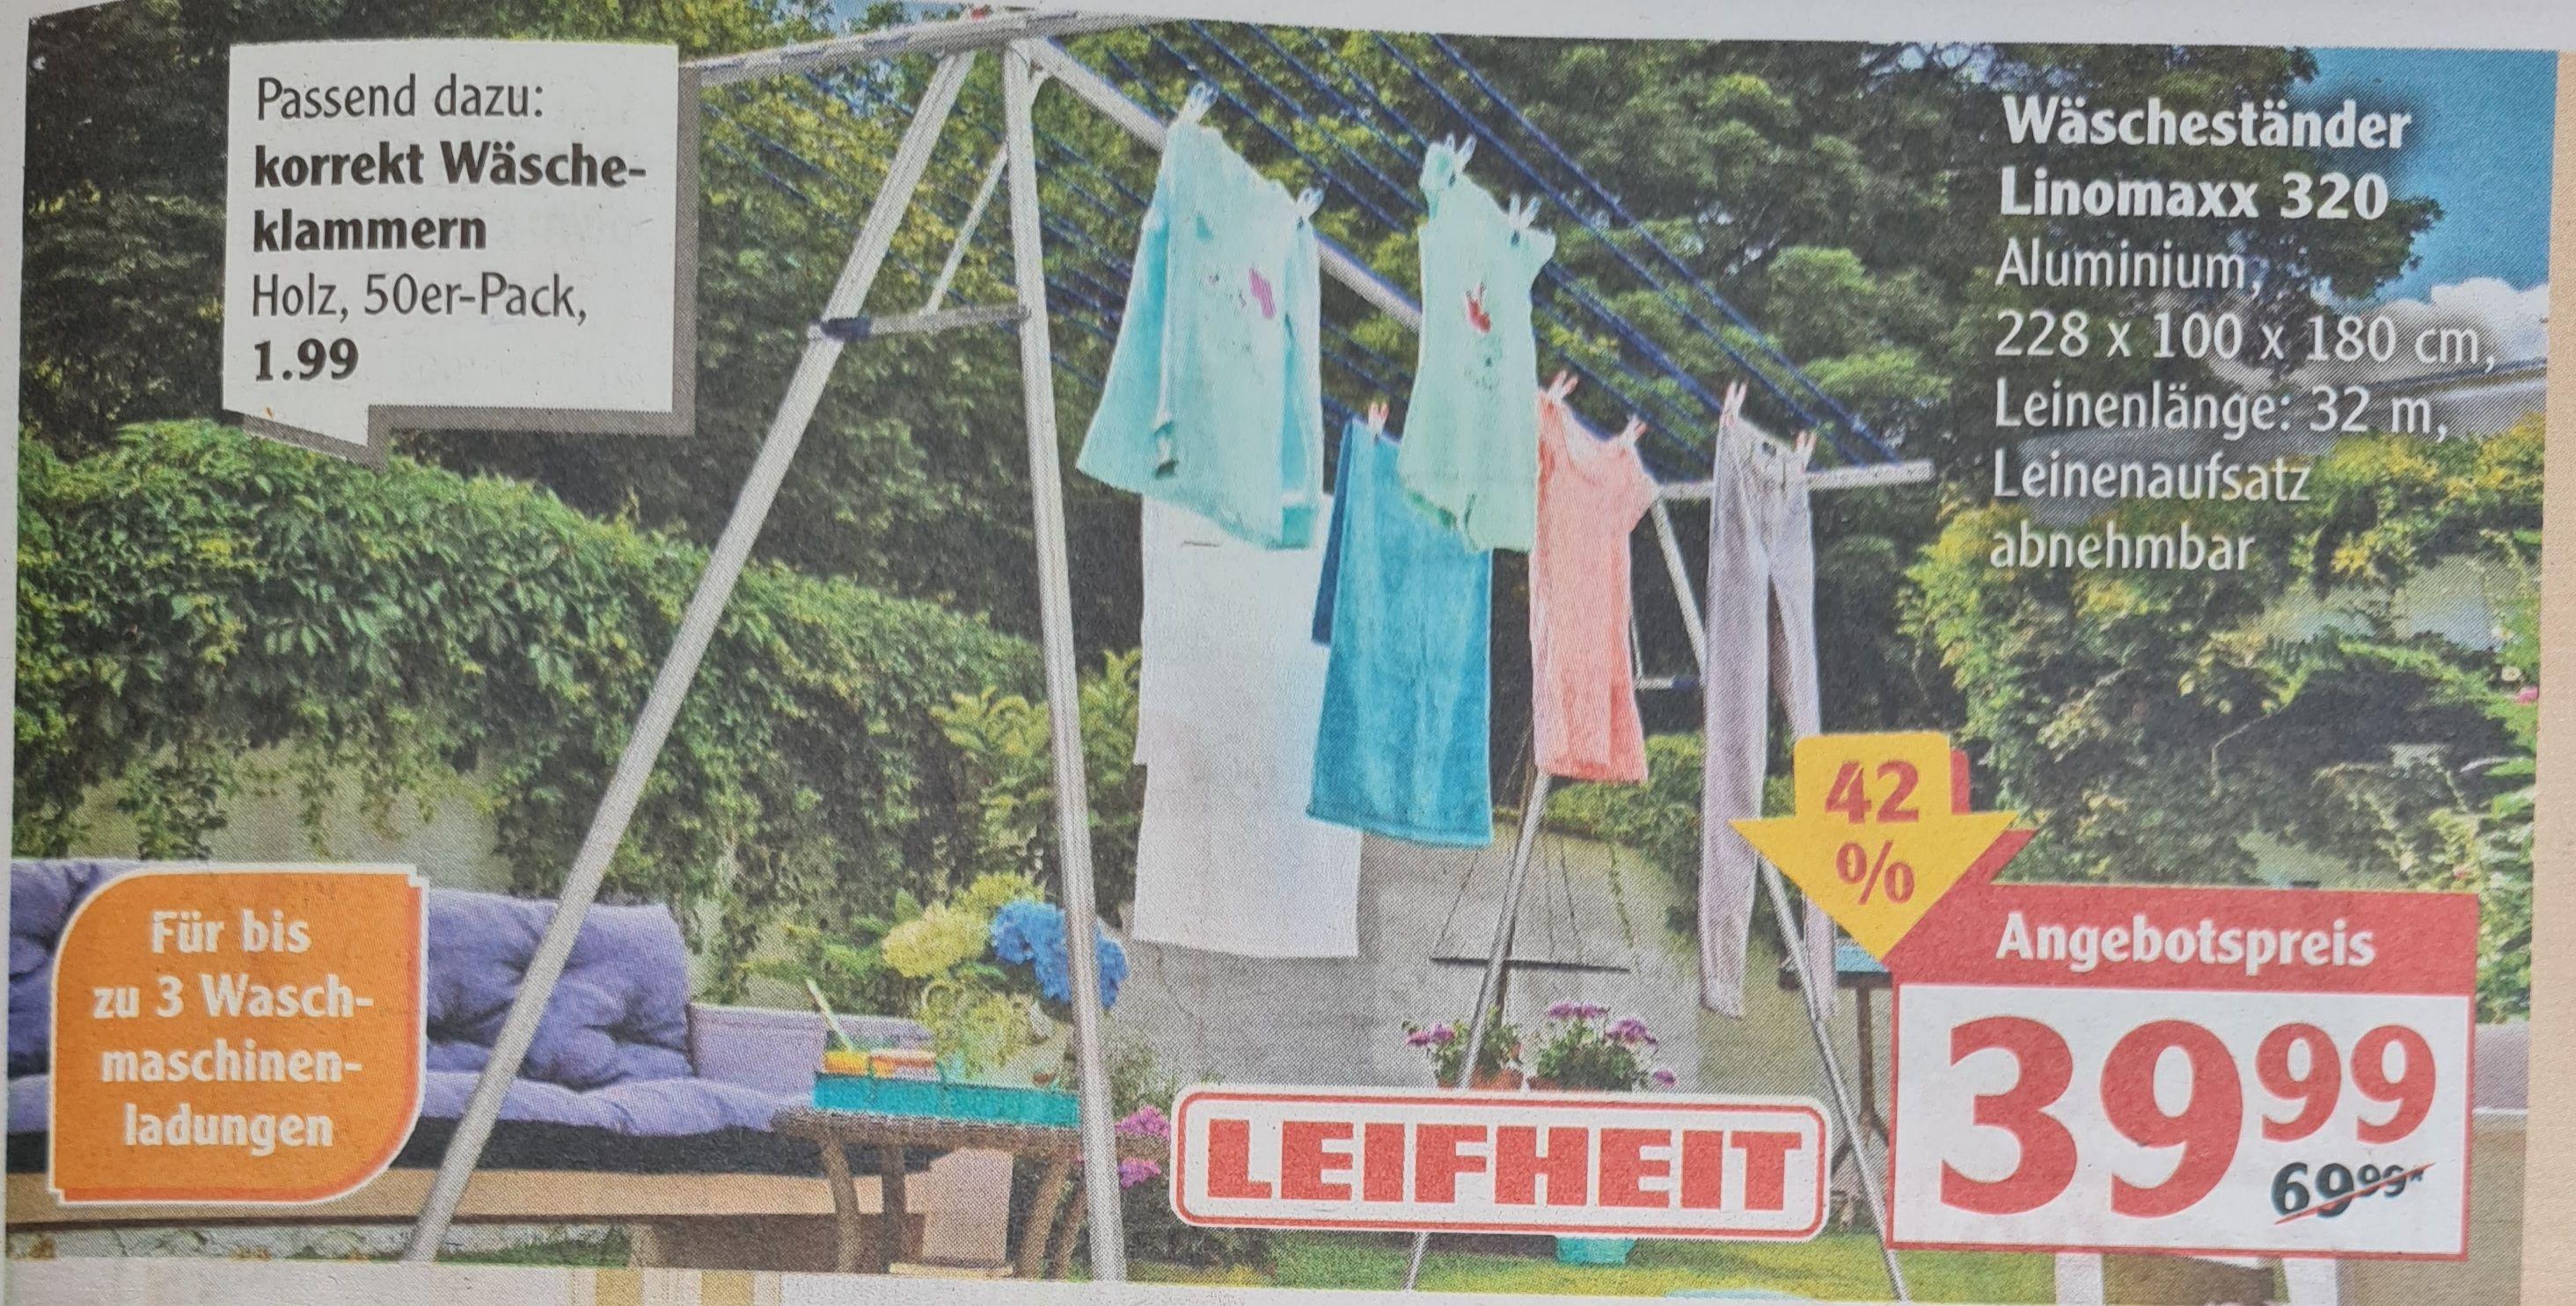 Leifheit Wäscheständer Linomaxx 320, Aluminium 228x100x180 cm, Leinenlänge 32 m, Leinenaufsatz abnehmbar ab 06.04 Globus